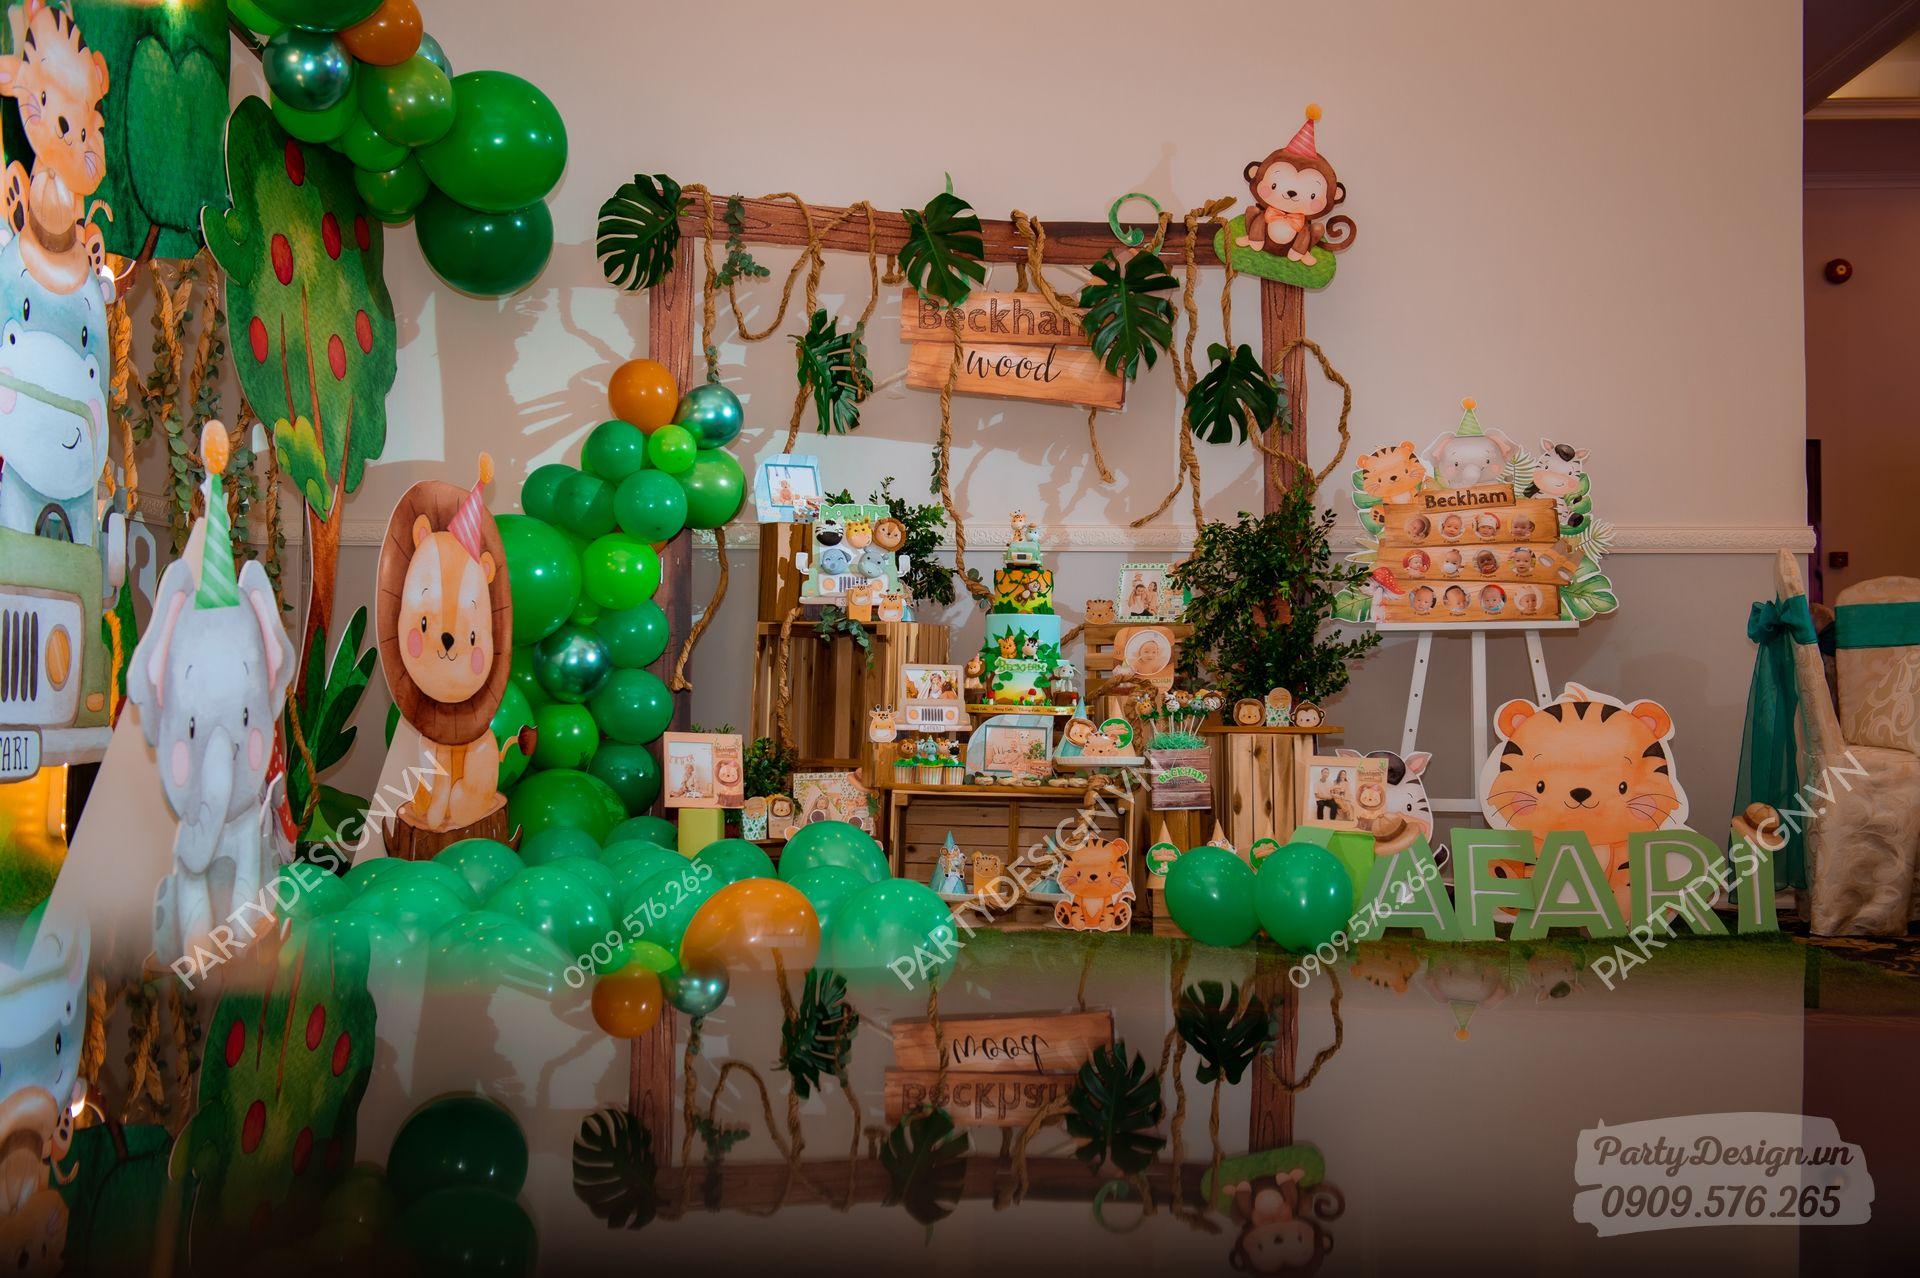 Trang trí sinh nhật chủ đề Safari Rừng Xanh - bé Beckham